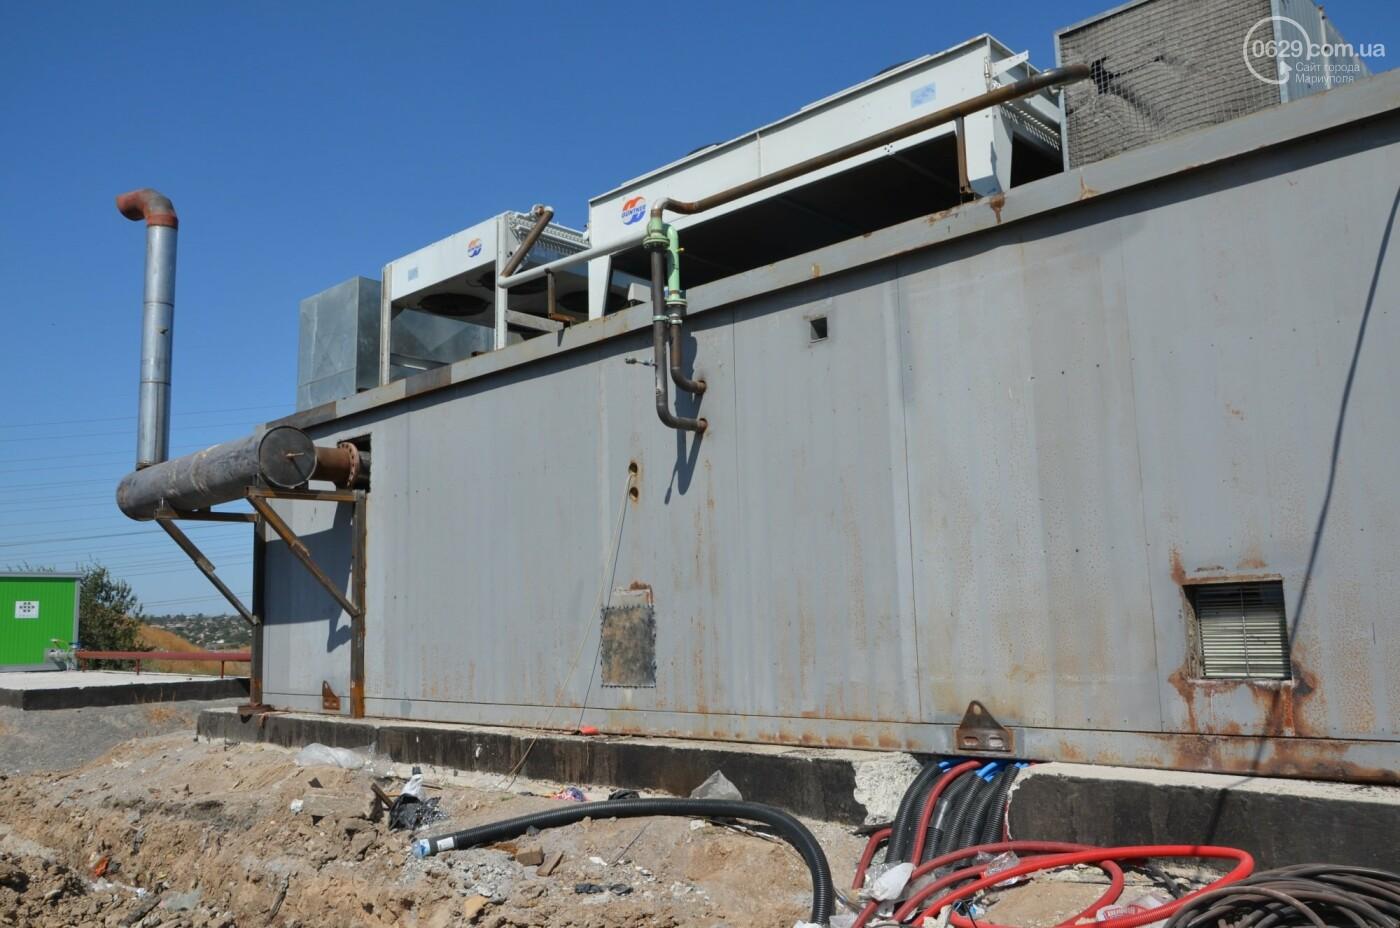 Как в Мариуполе свалочный полигон готовится стать «электростанцией», - ФОТОРЕПОРТАЖ, фото-8